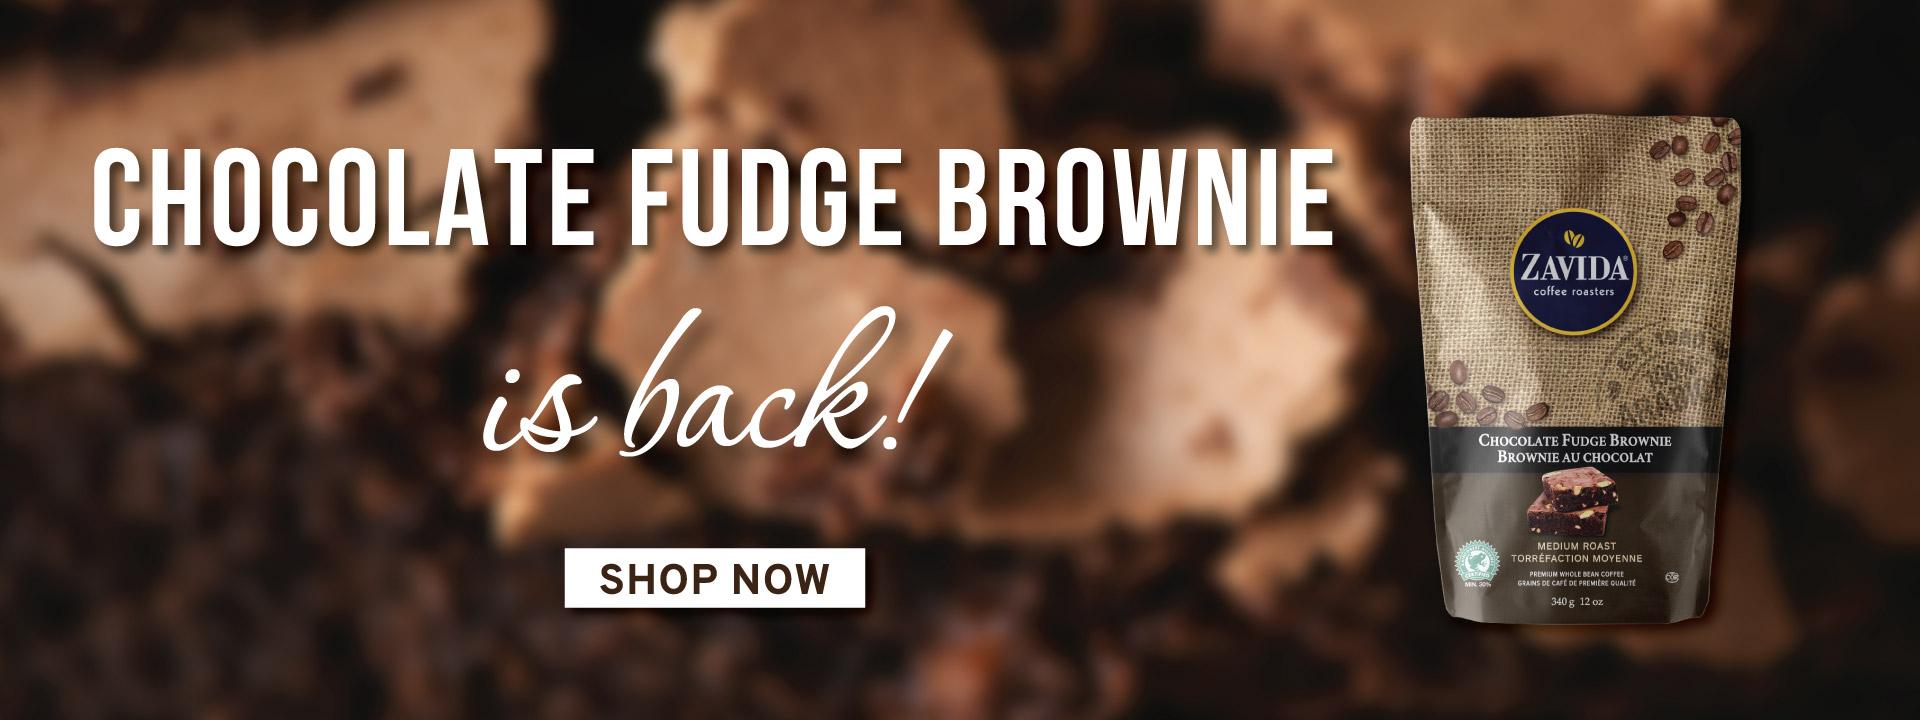 Chocolate Fudge Brownie Is Back